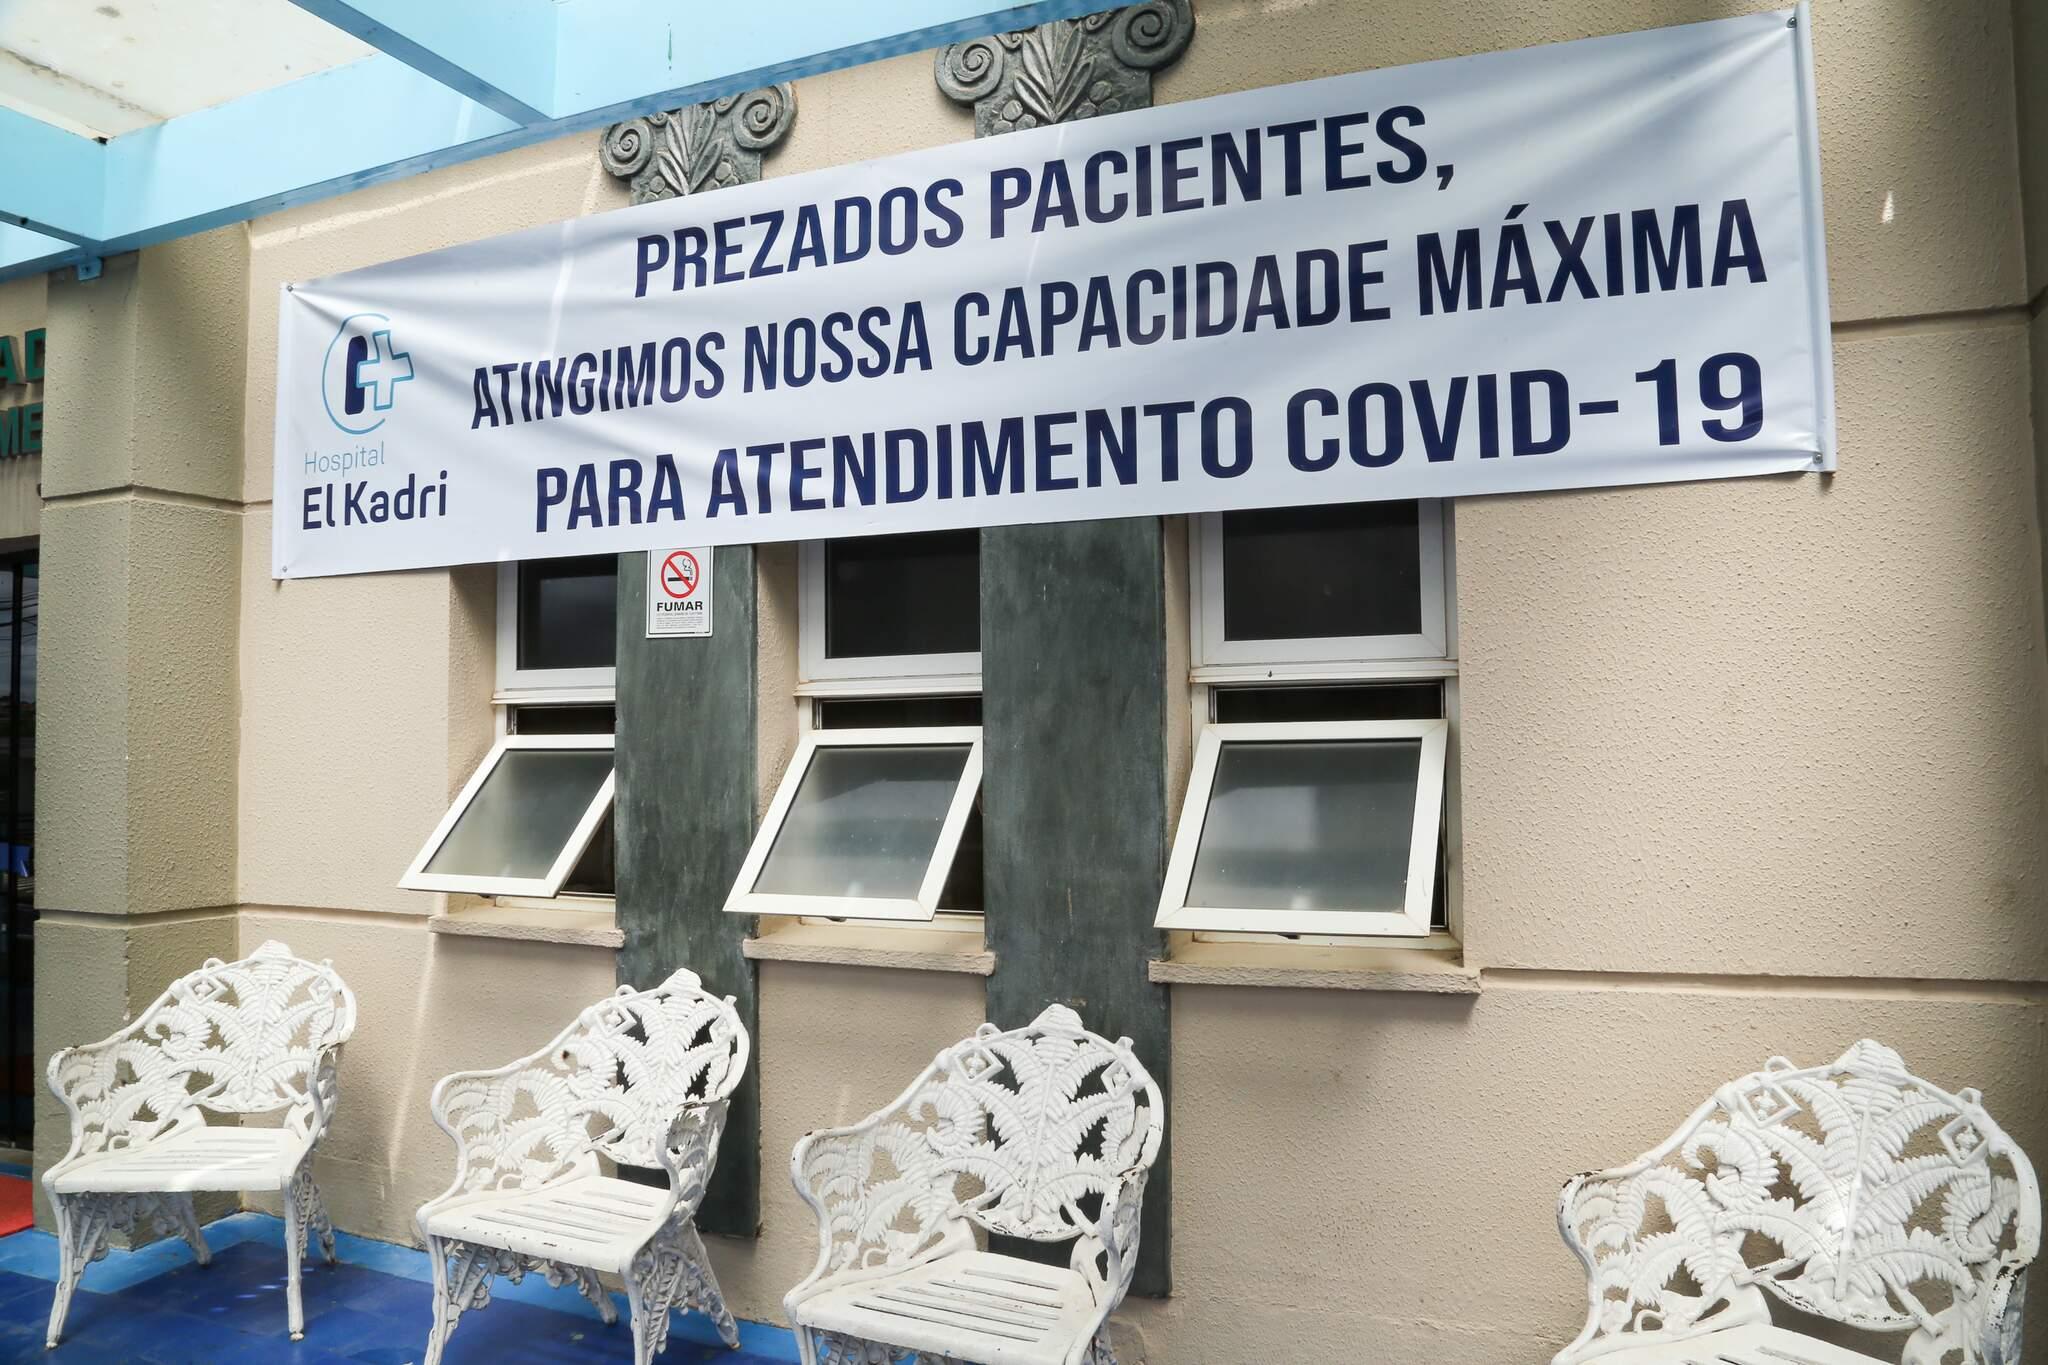 Hospital El Kadri, em Campo Grande, afixou comunicado alertando para falta de vagas na unidade (Foto: Kisie Ainoã)